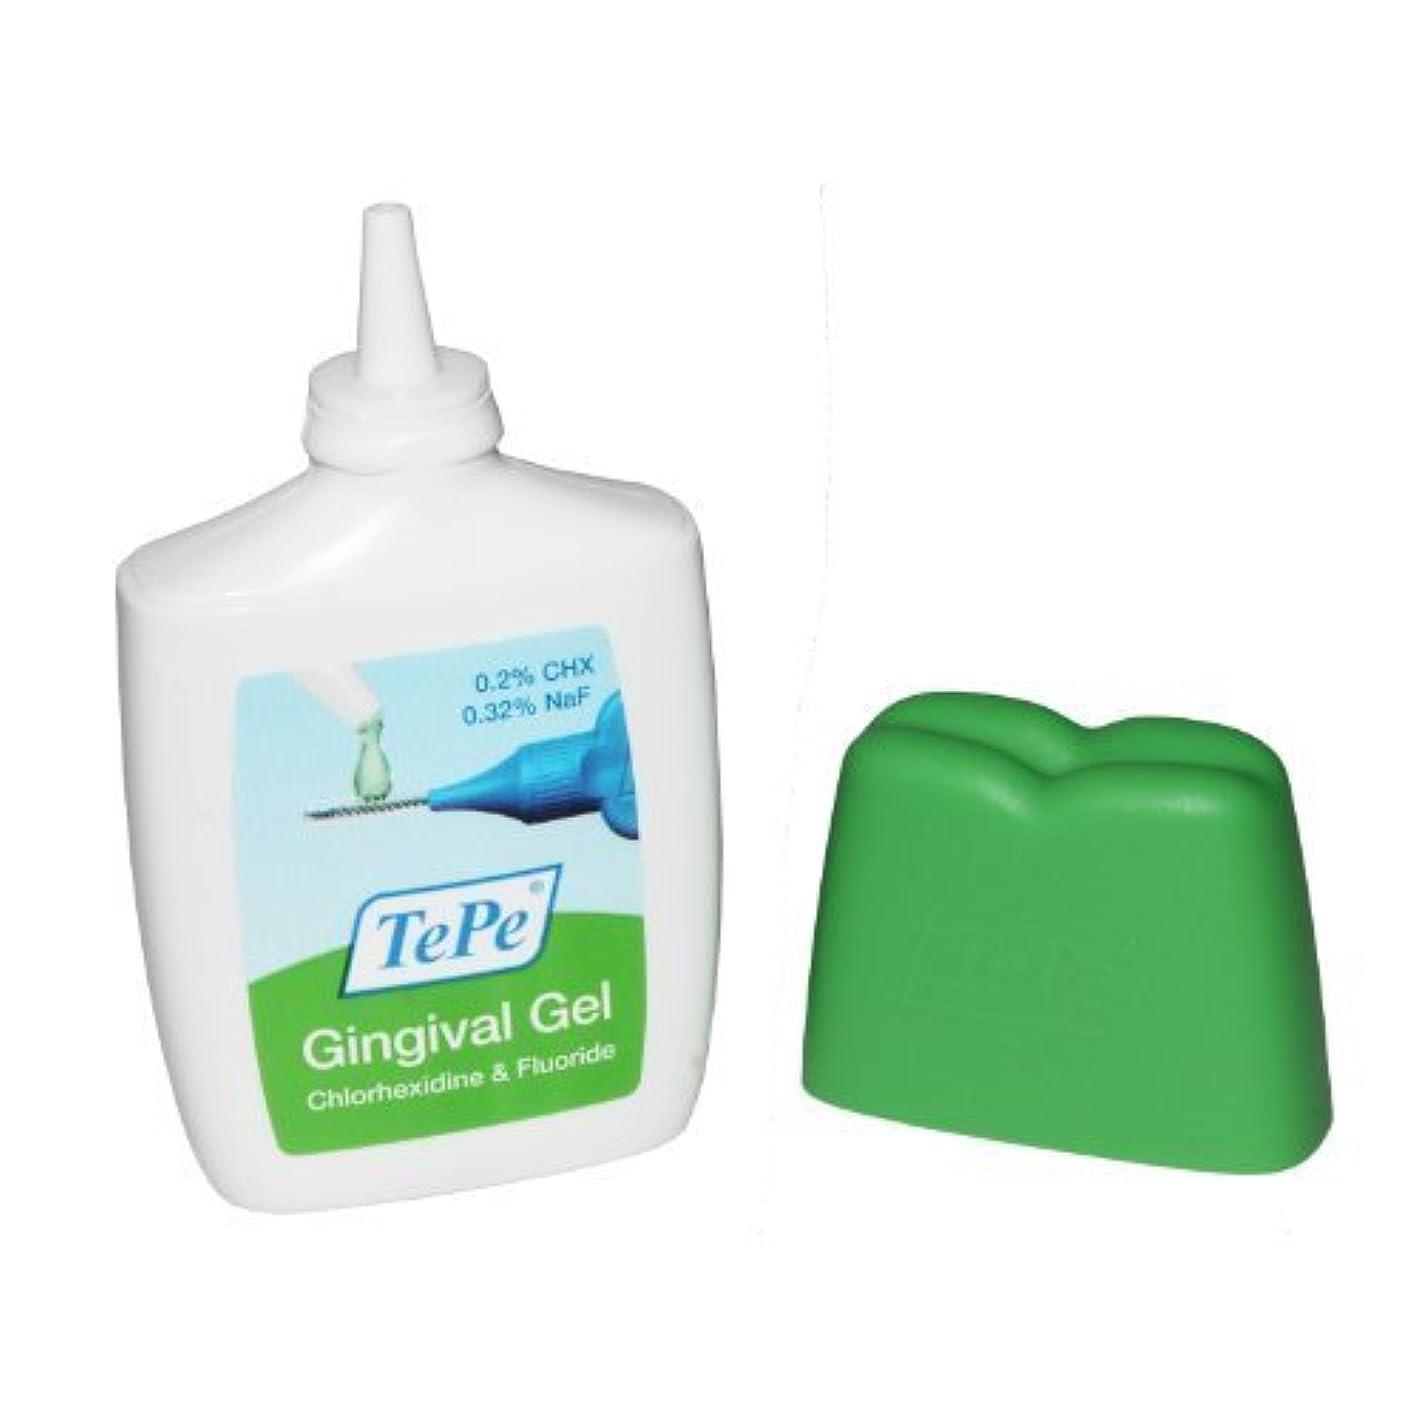 情熱的サスペンド報酬のTePe Gingival Gel by TePe Mundhygiene Produkte Vertriebs-GmbH [並行輸入品]